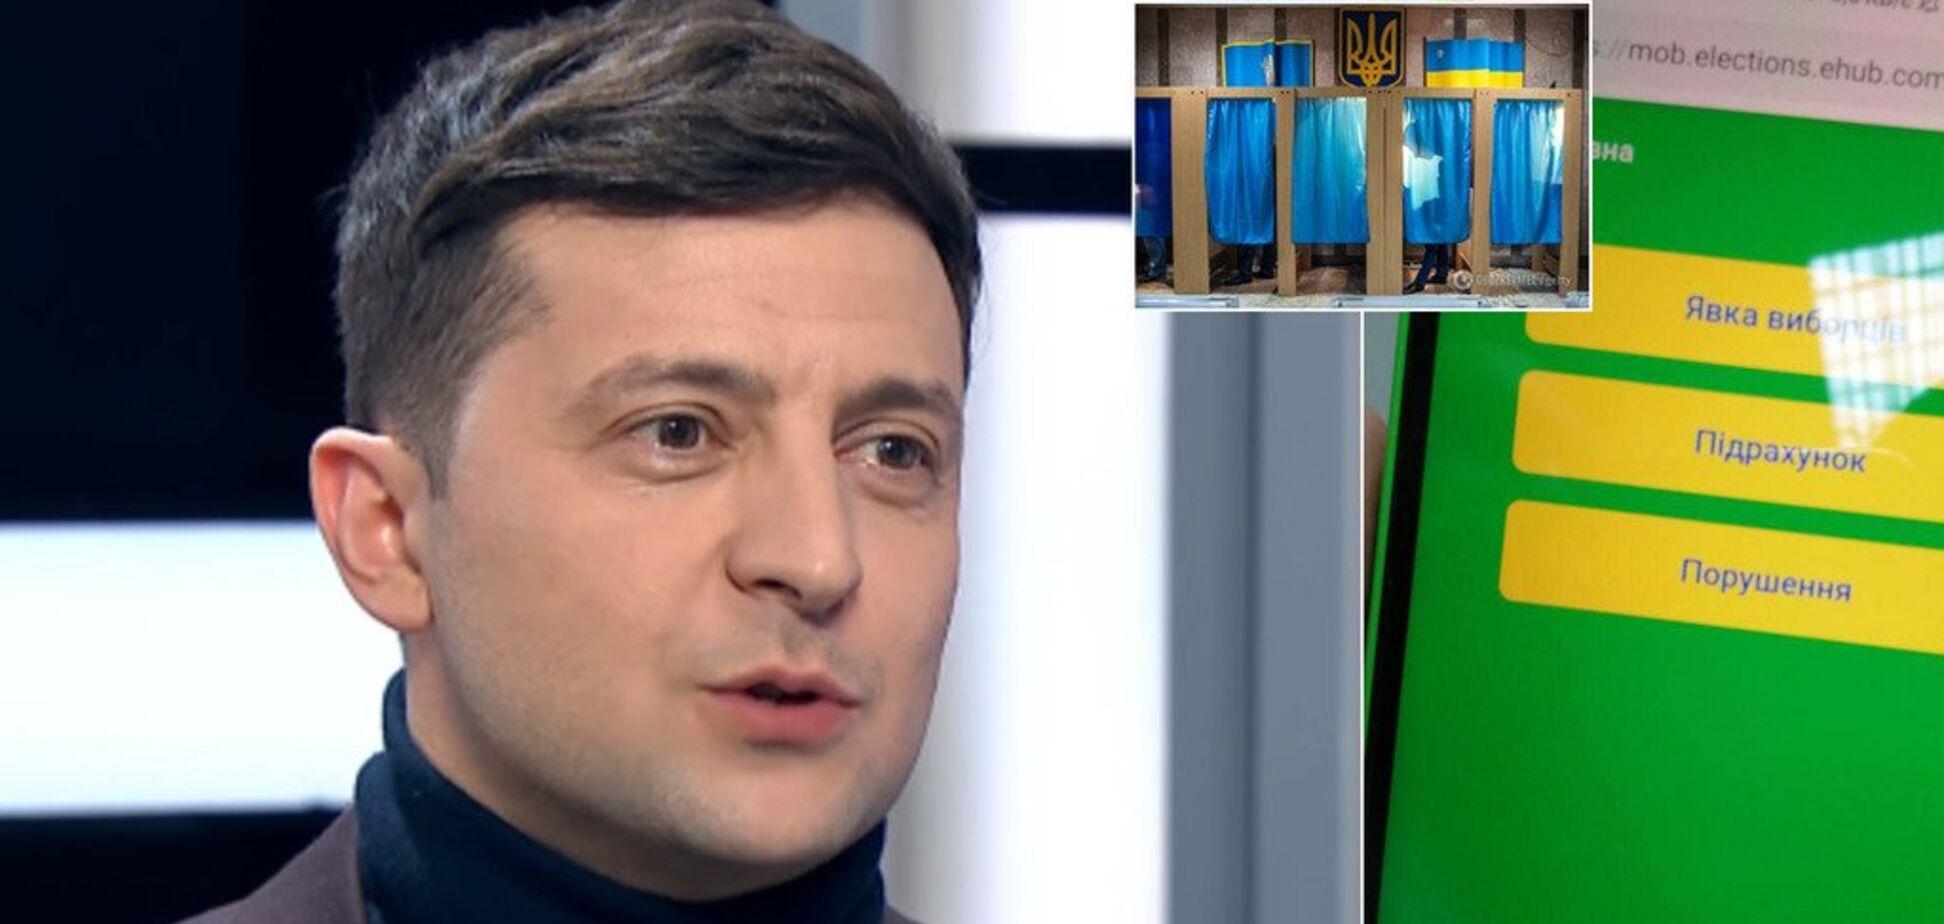 Впервые в Украине: какие сюрпризы Зеленский припас на выборы